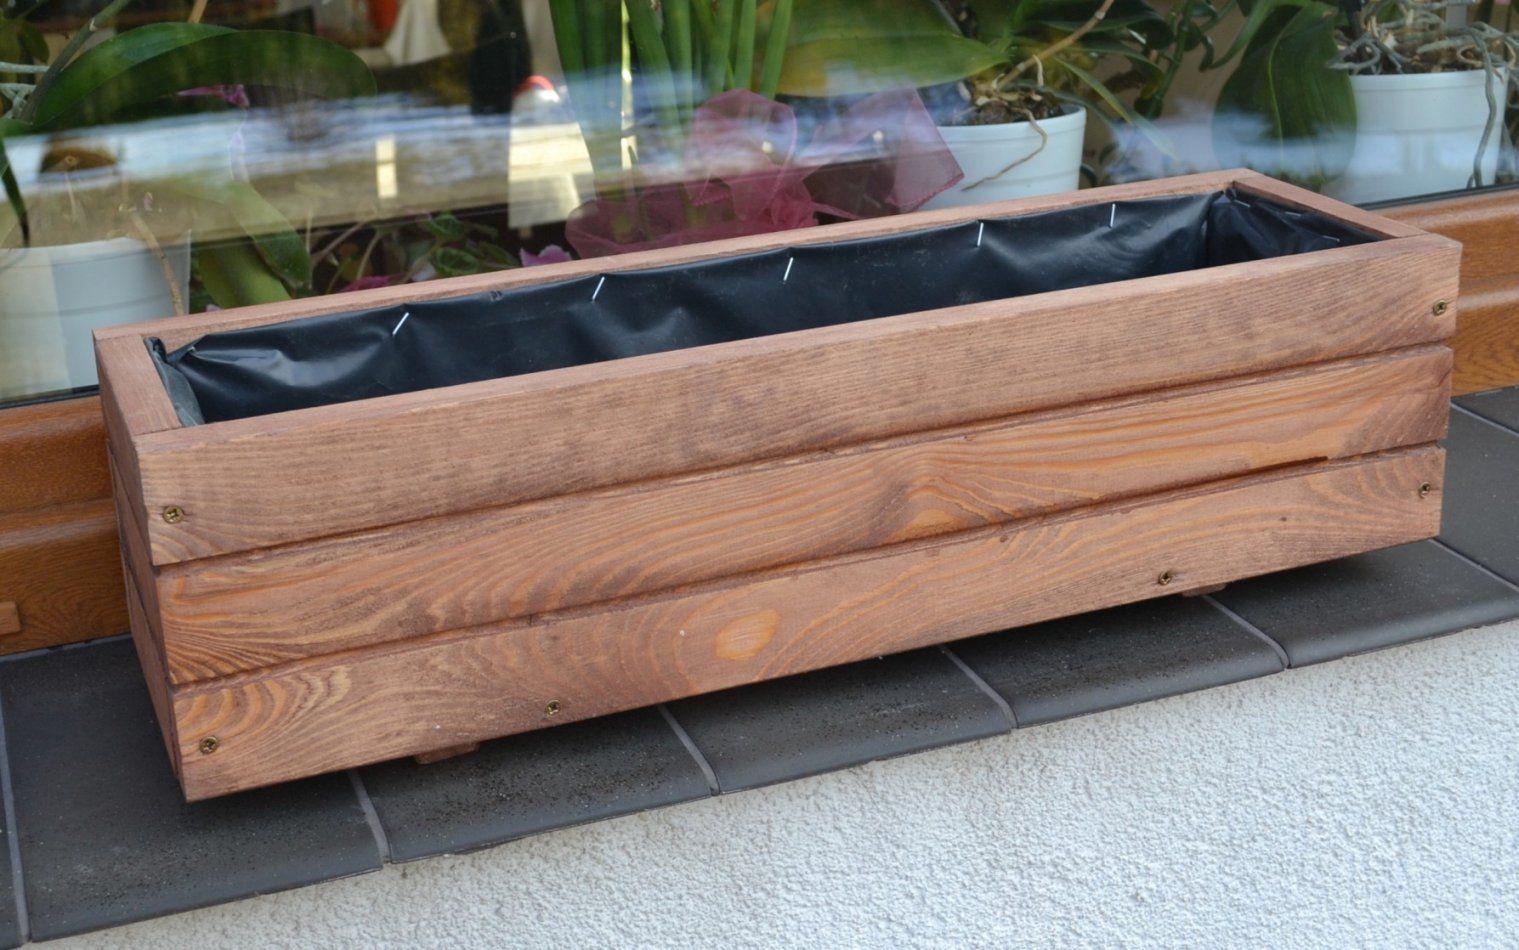 Pflanzkübel Holz D2 Pflanzkasten 80 100 Cm Xxl Blumenkasten Avec von Holz Pflanzkübel Selber Bauen Photo